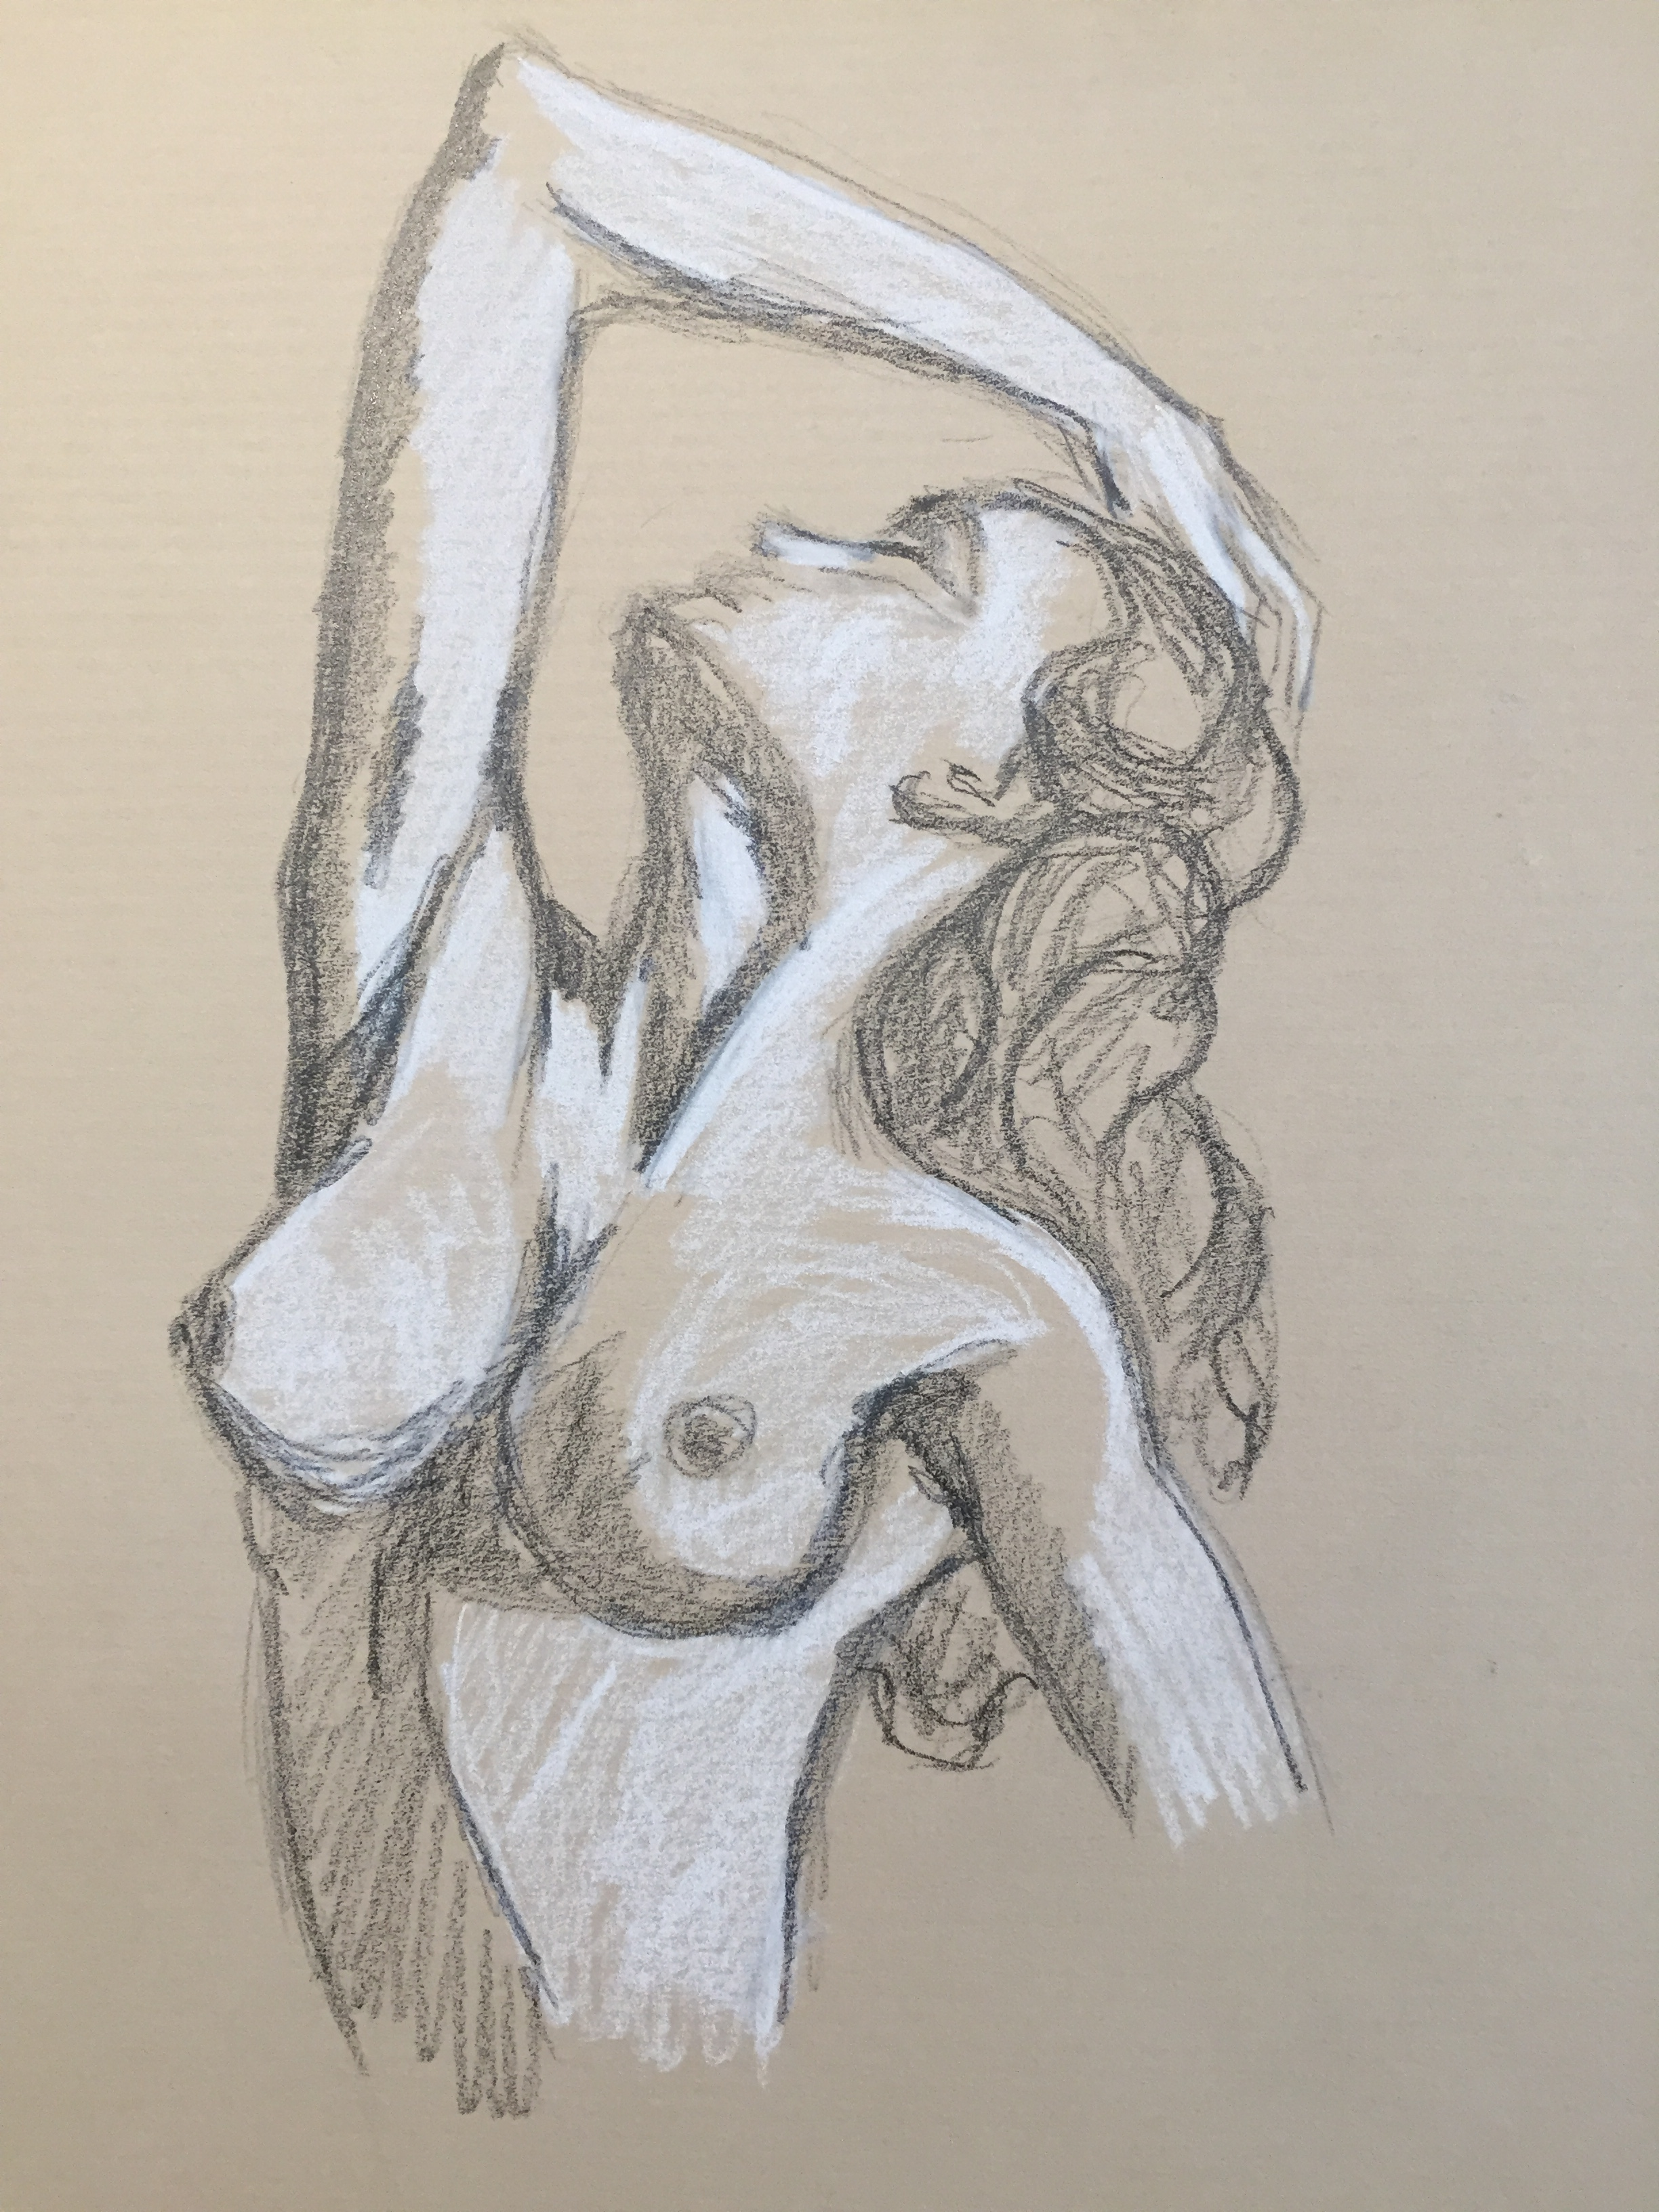 Esquisse Buste de femme mine de plomb et craie  blanche  cours de dessin